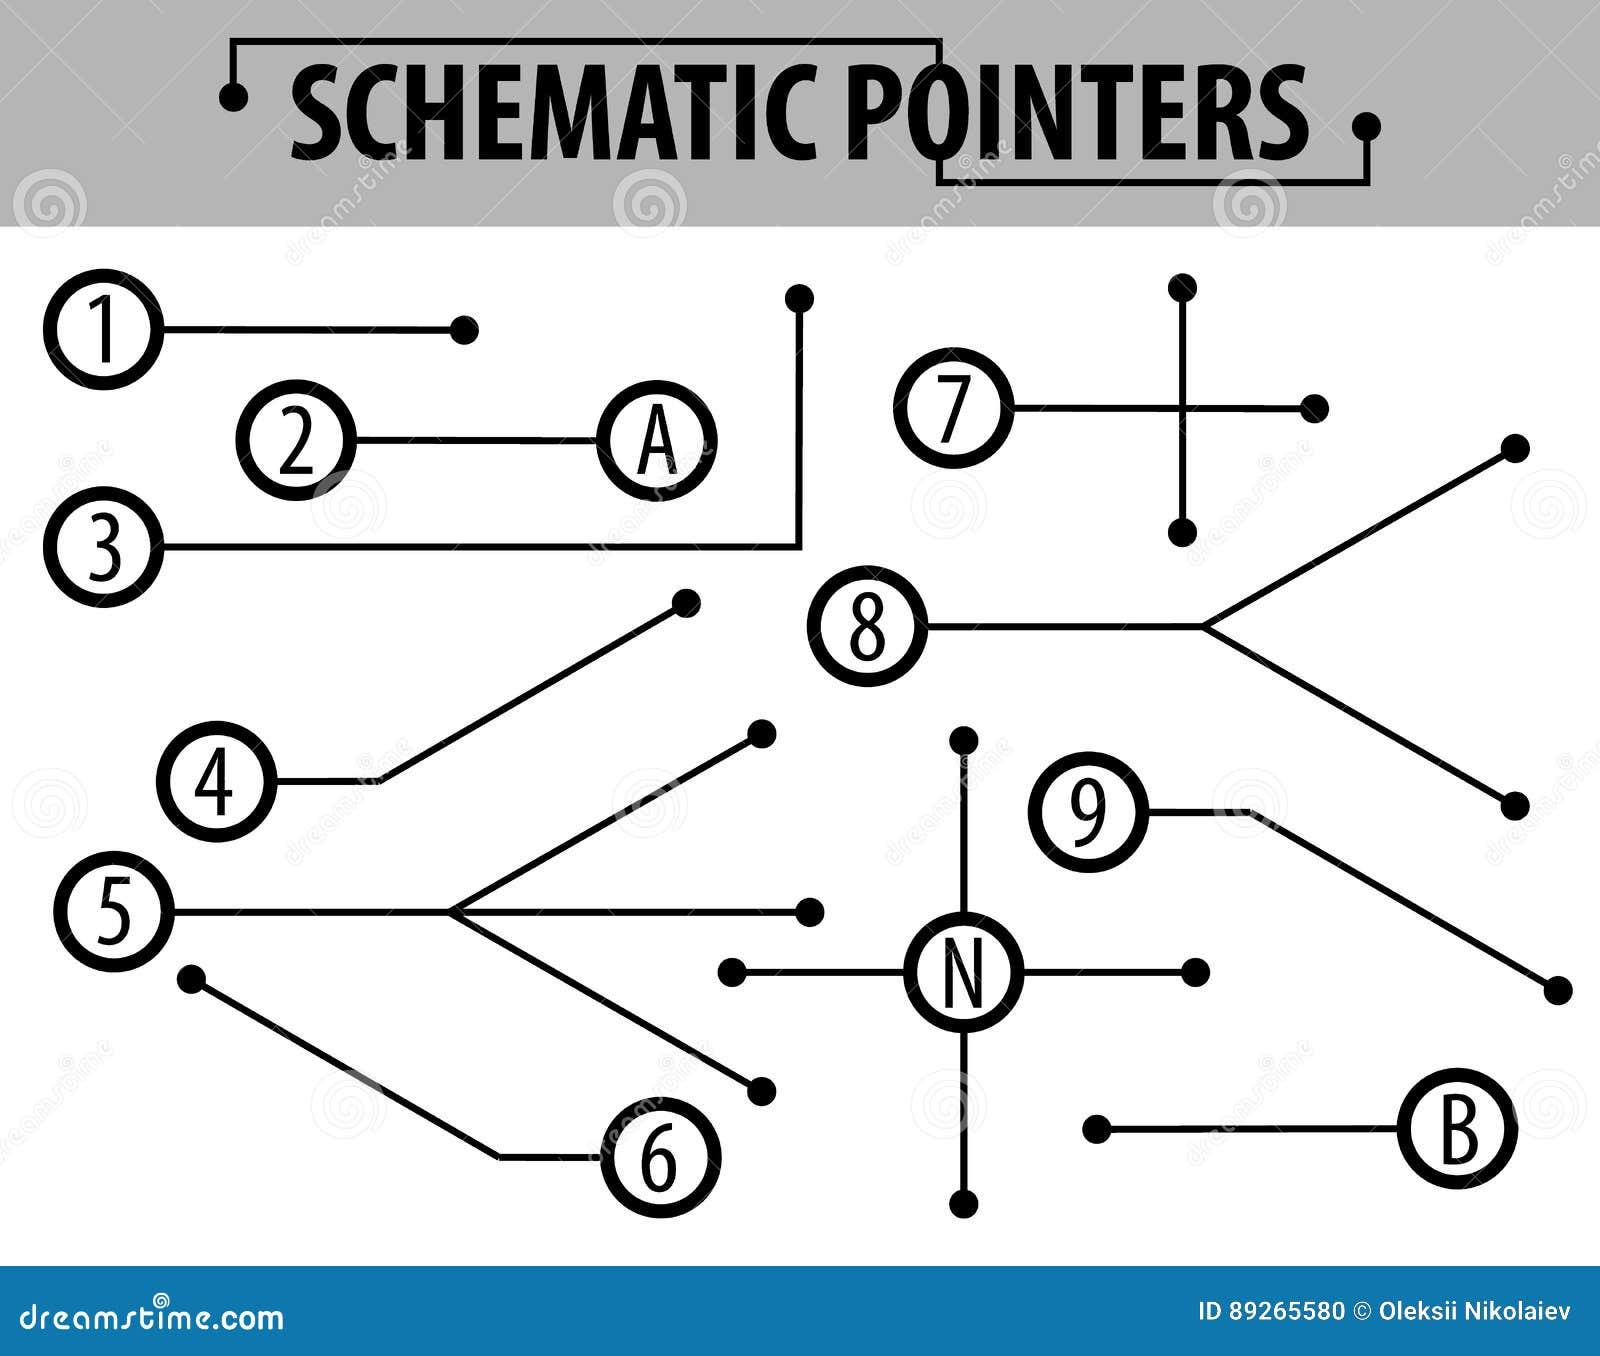 Charmant Schematische Diagramme Bilder - Der Schaltplan - triangre.info